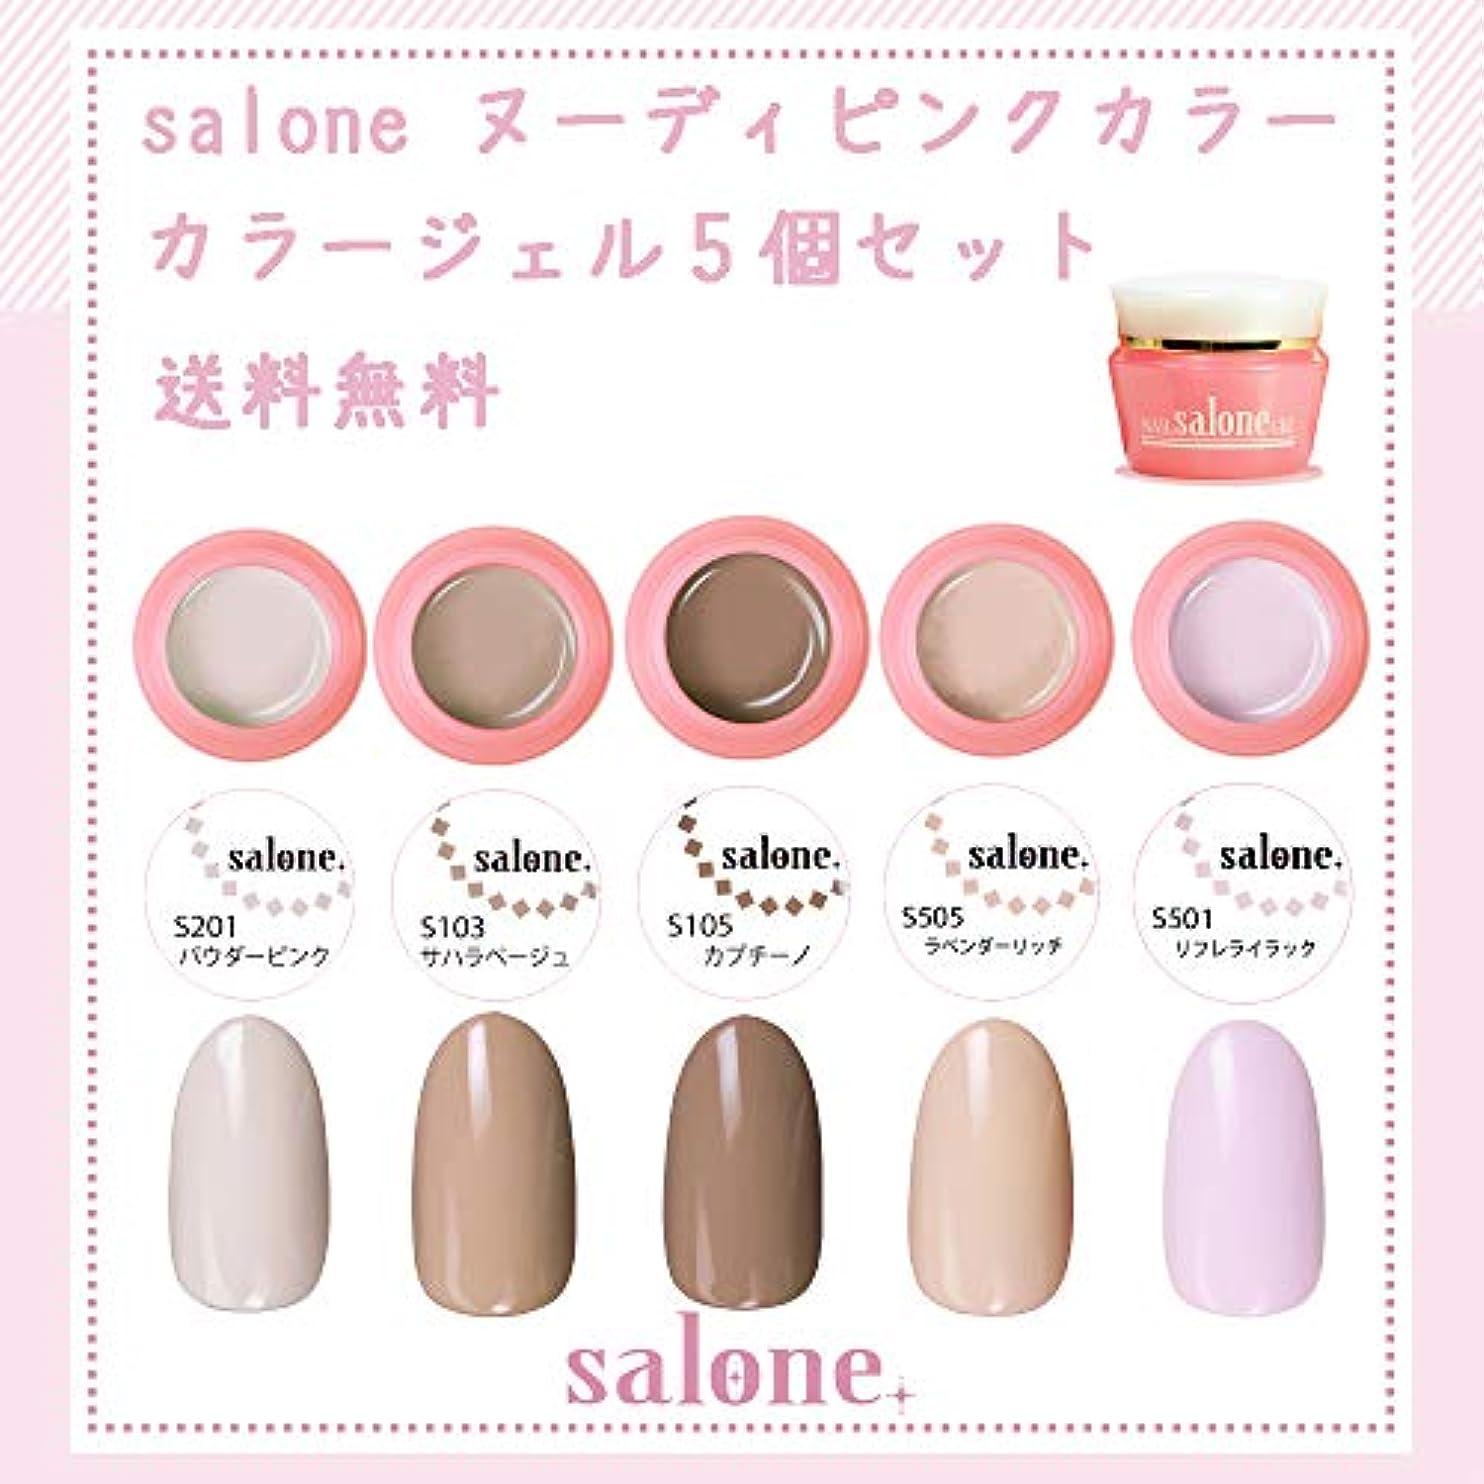 十億うっかり忍耐【送料無料 日本製】Salone ヌーディピンク カラージェル5個セット サロンで人気のピンクベースの肌馴染みの良い上品なヌーディカラー